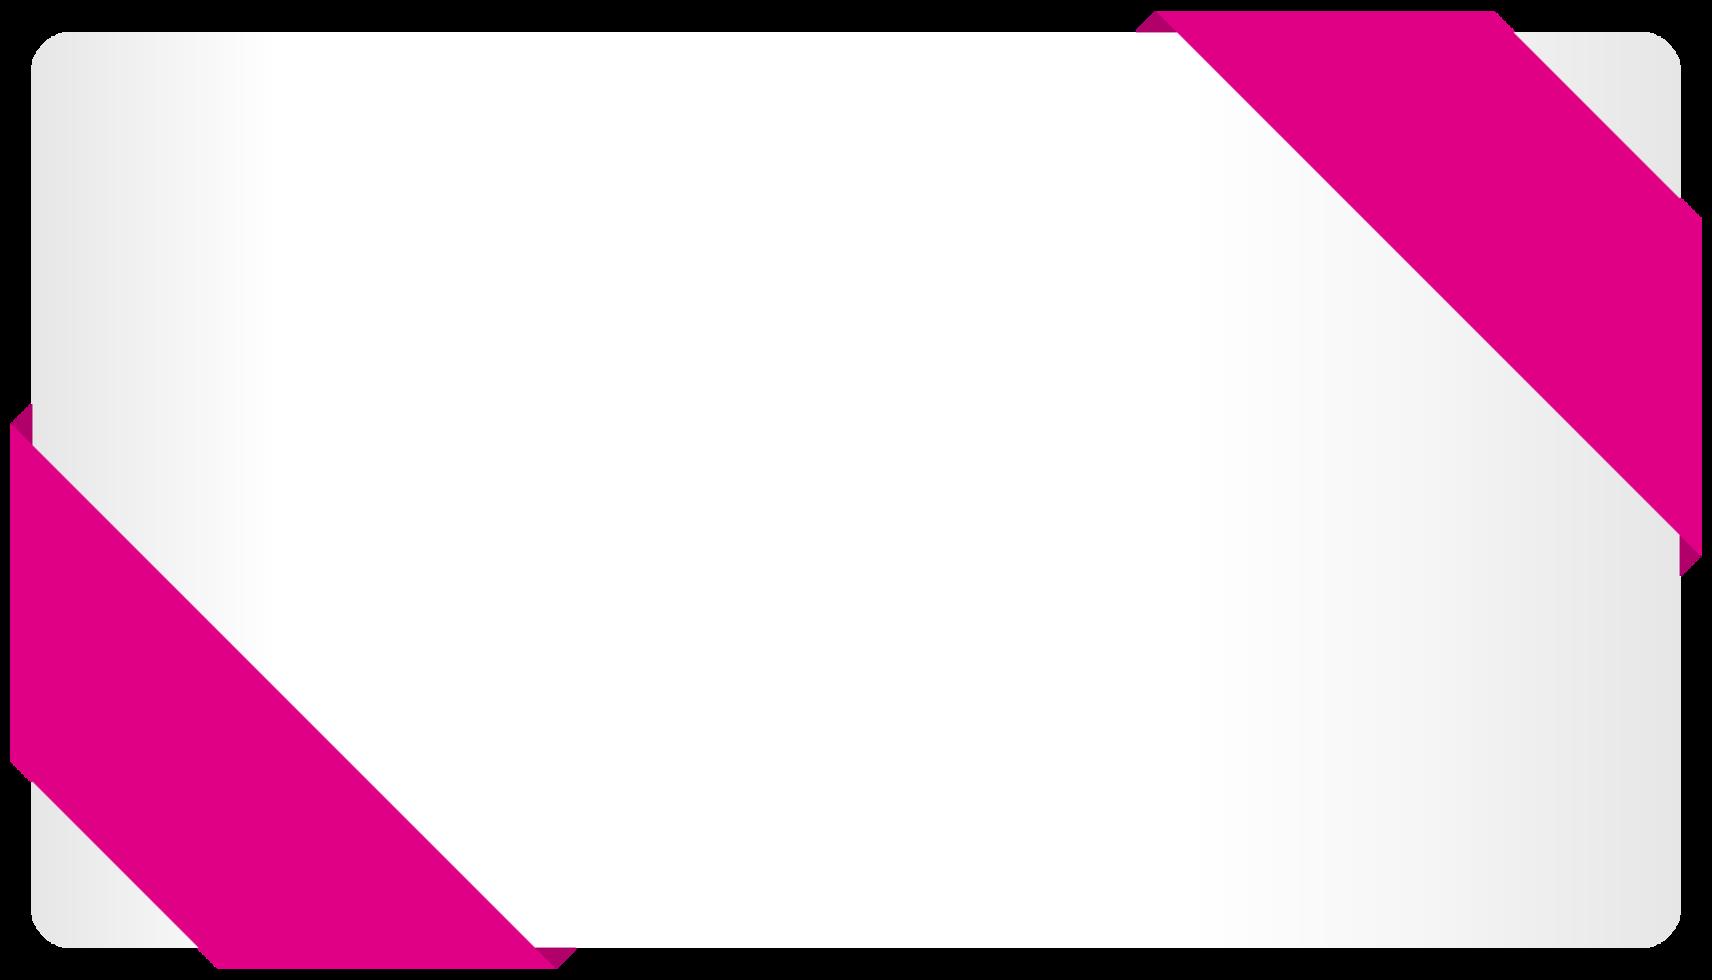 Ribbon card png